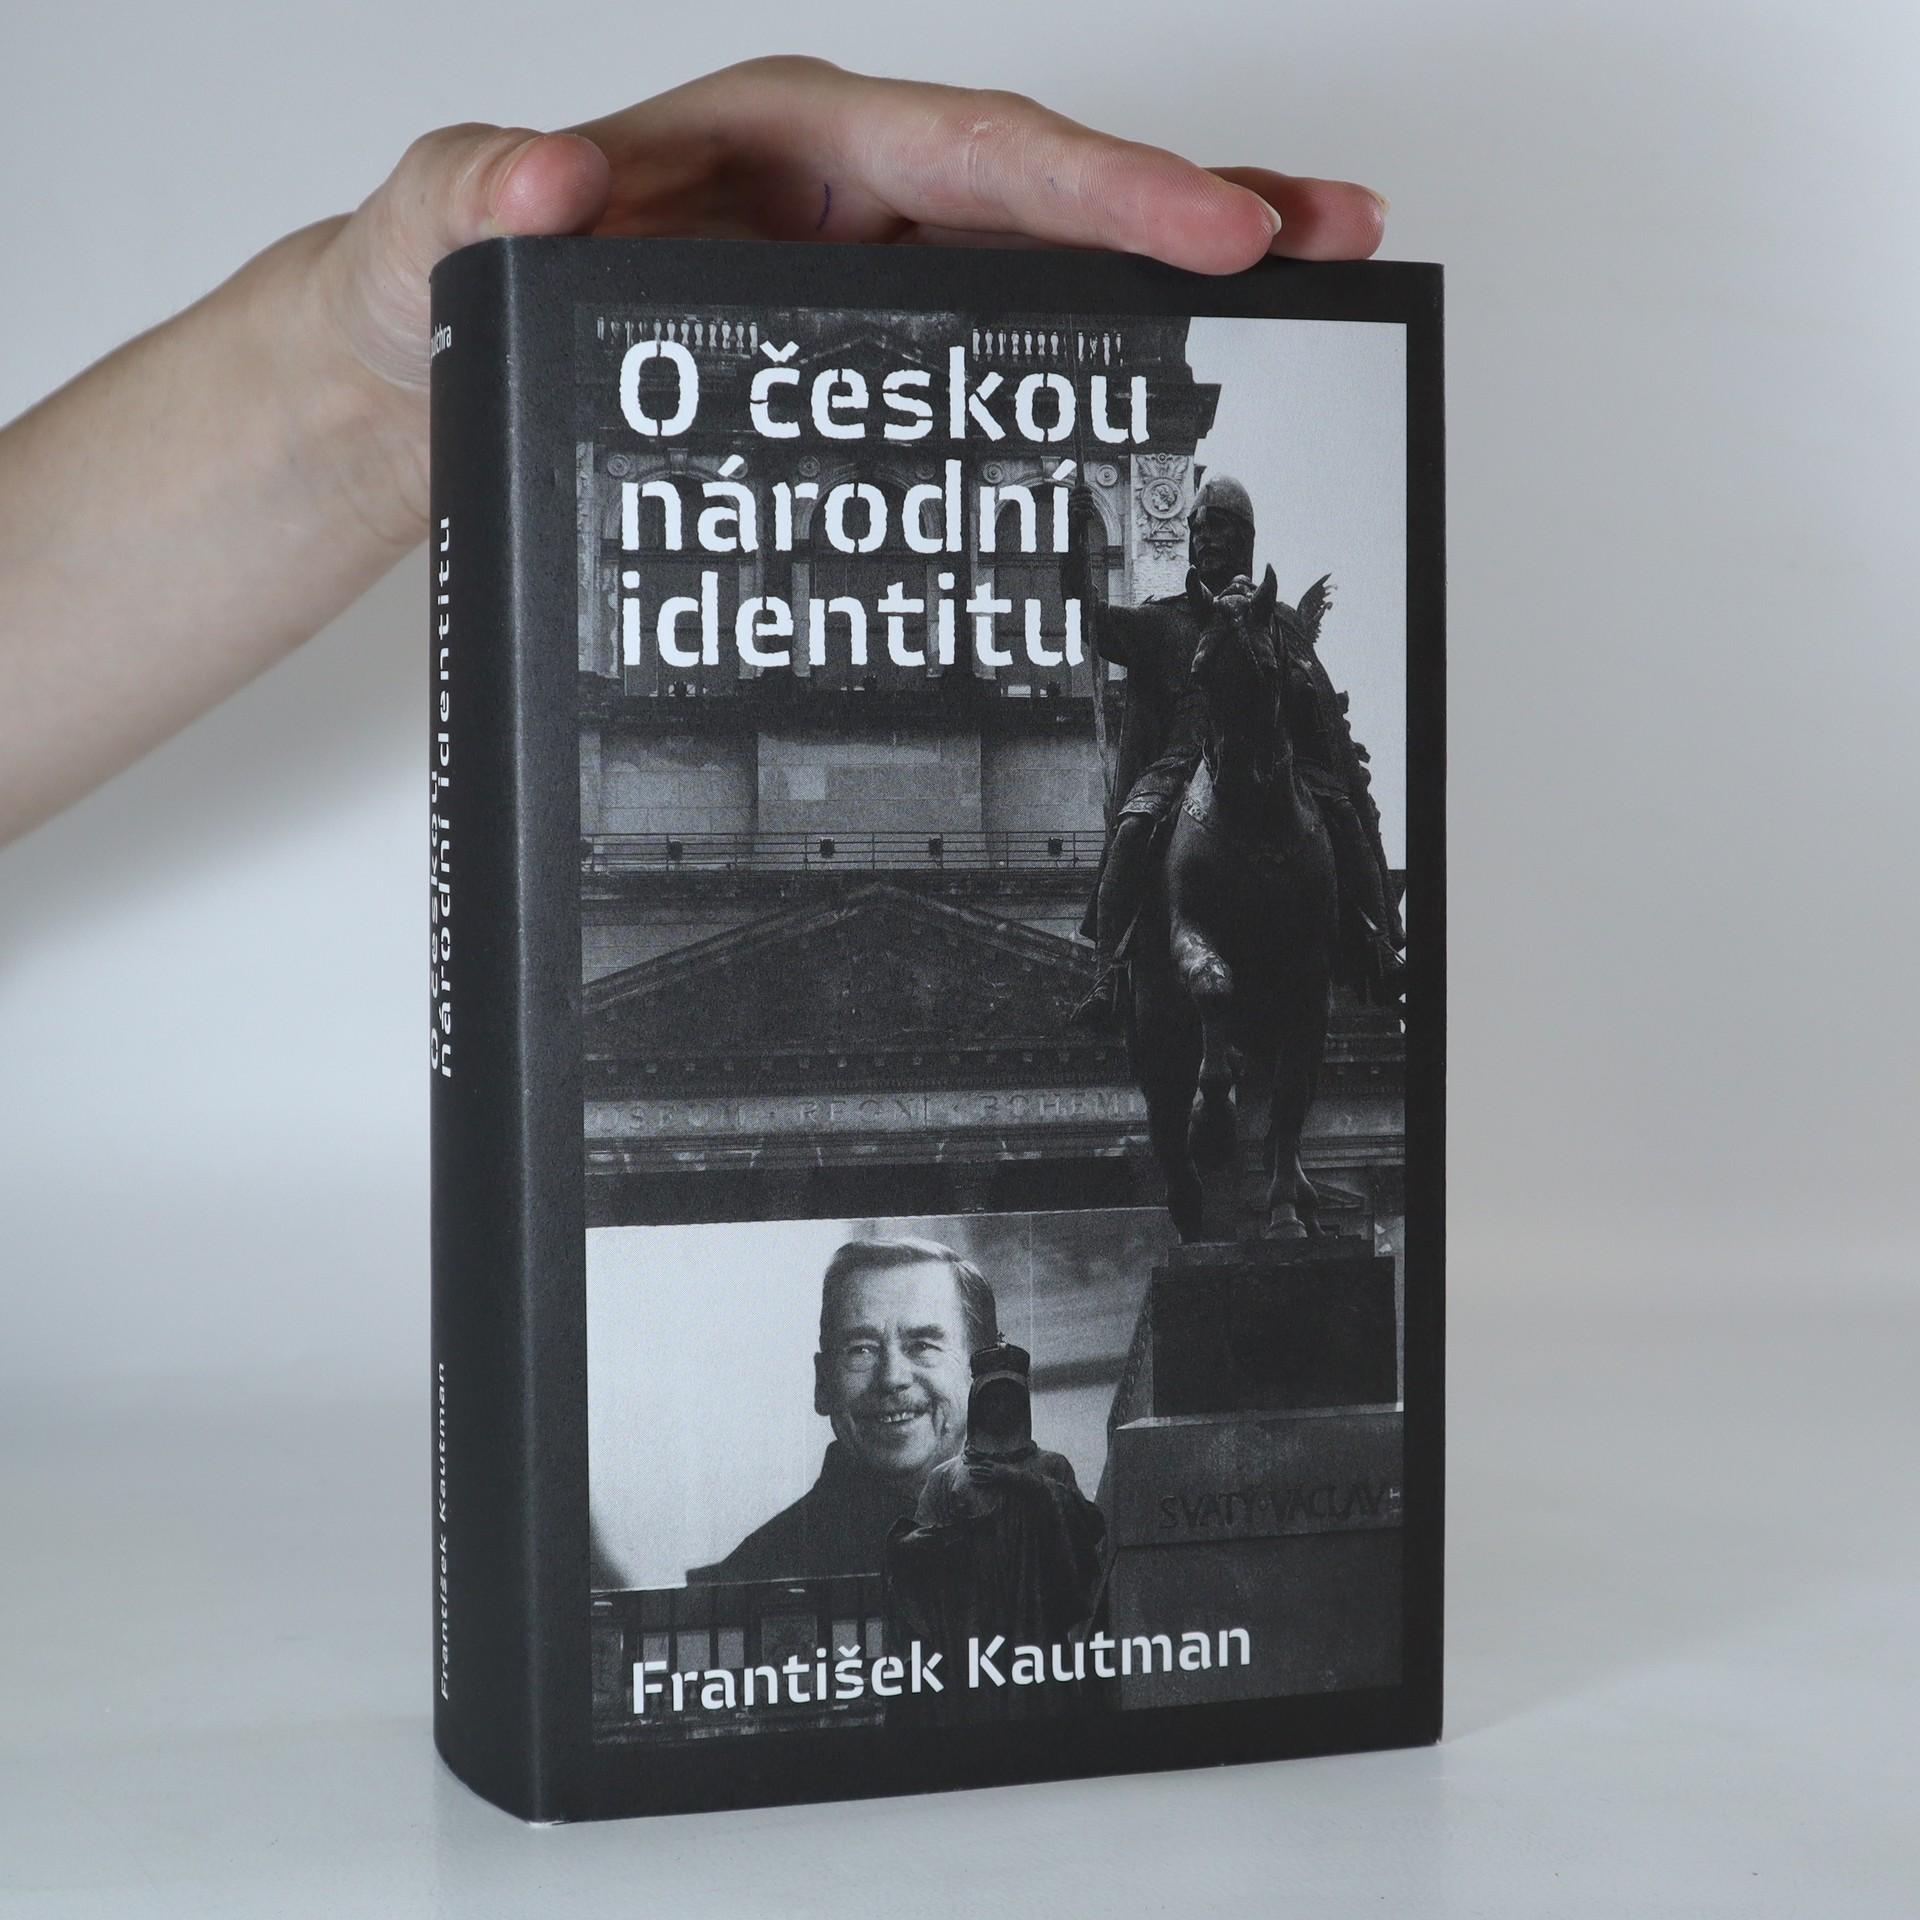 antikvární kniha O českou národní identitu, 2015